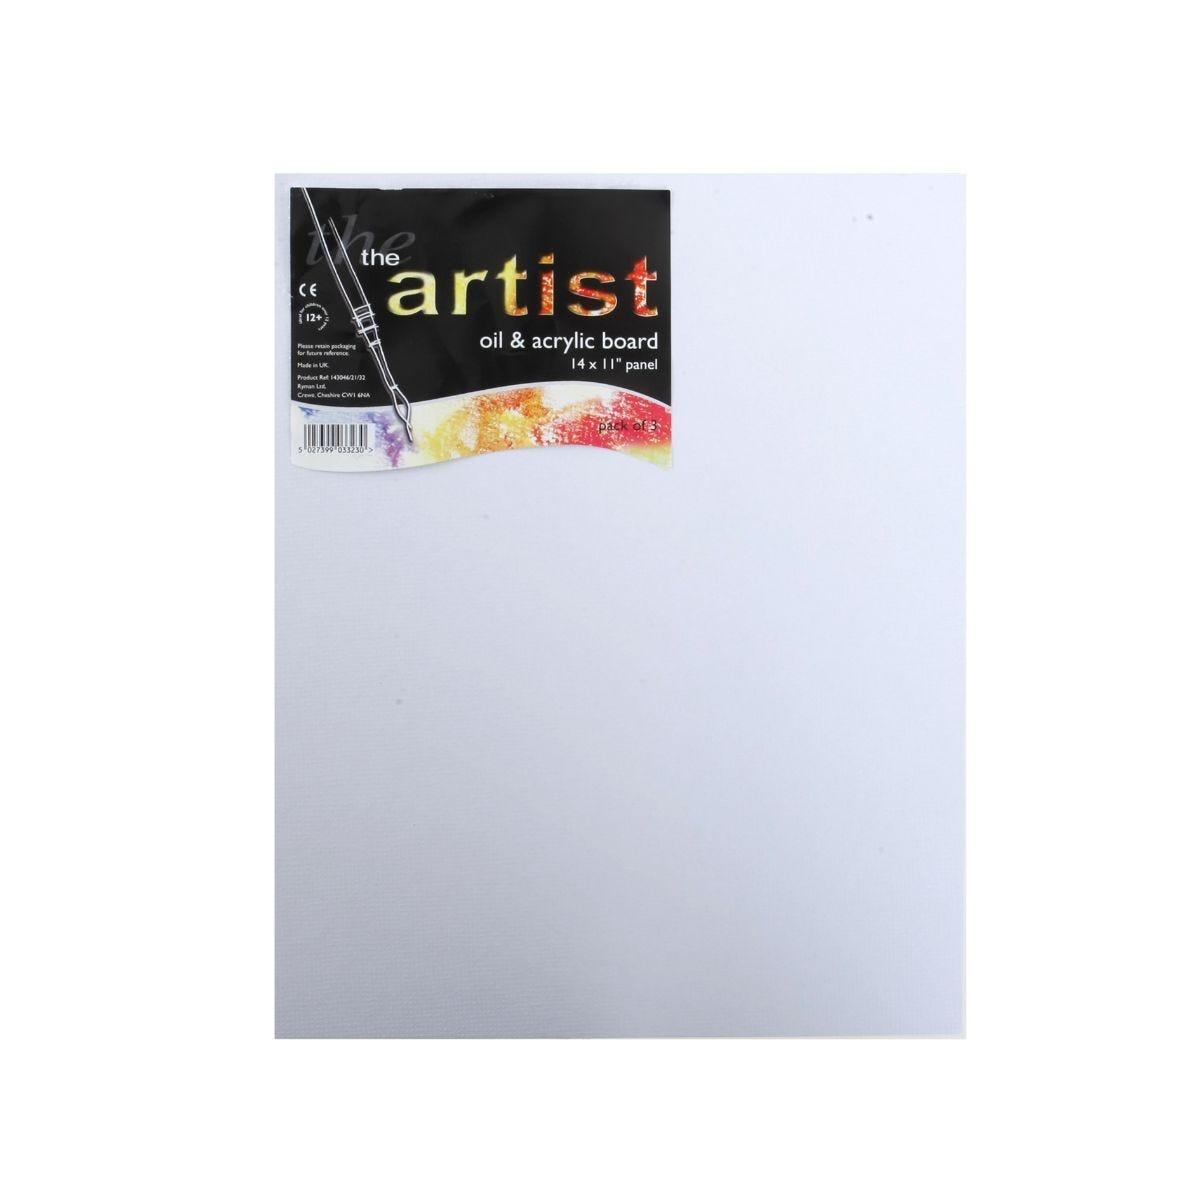 Ryman Oil & Acrylic Board 356x279mm Pack of 3